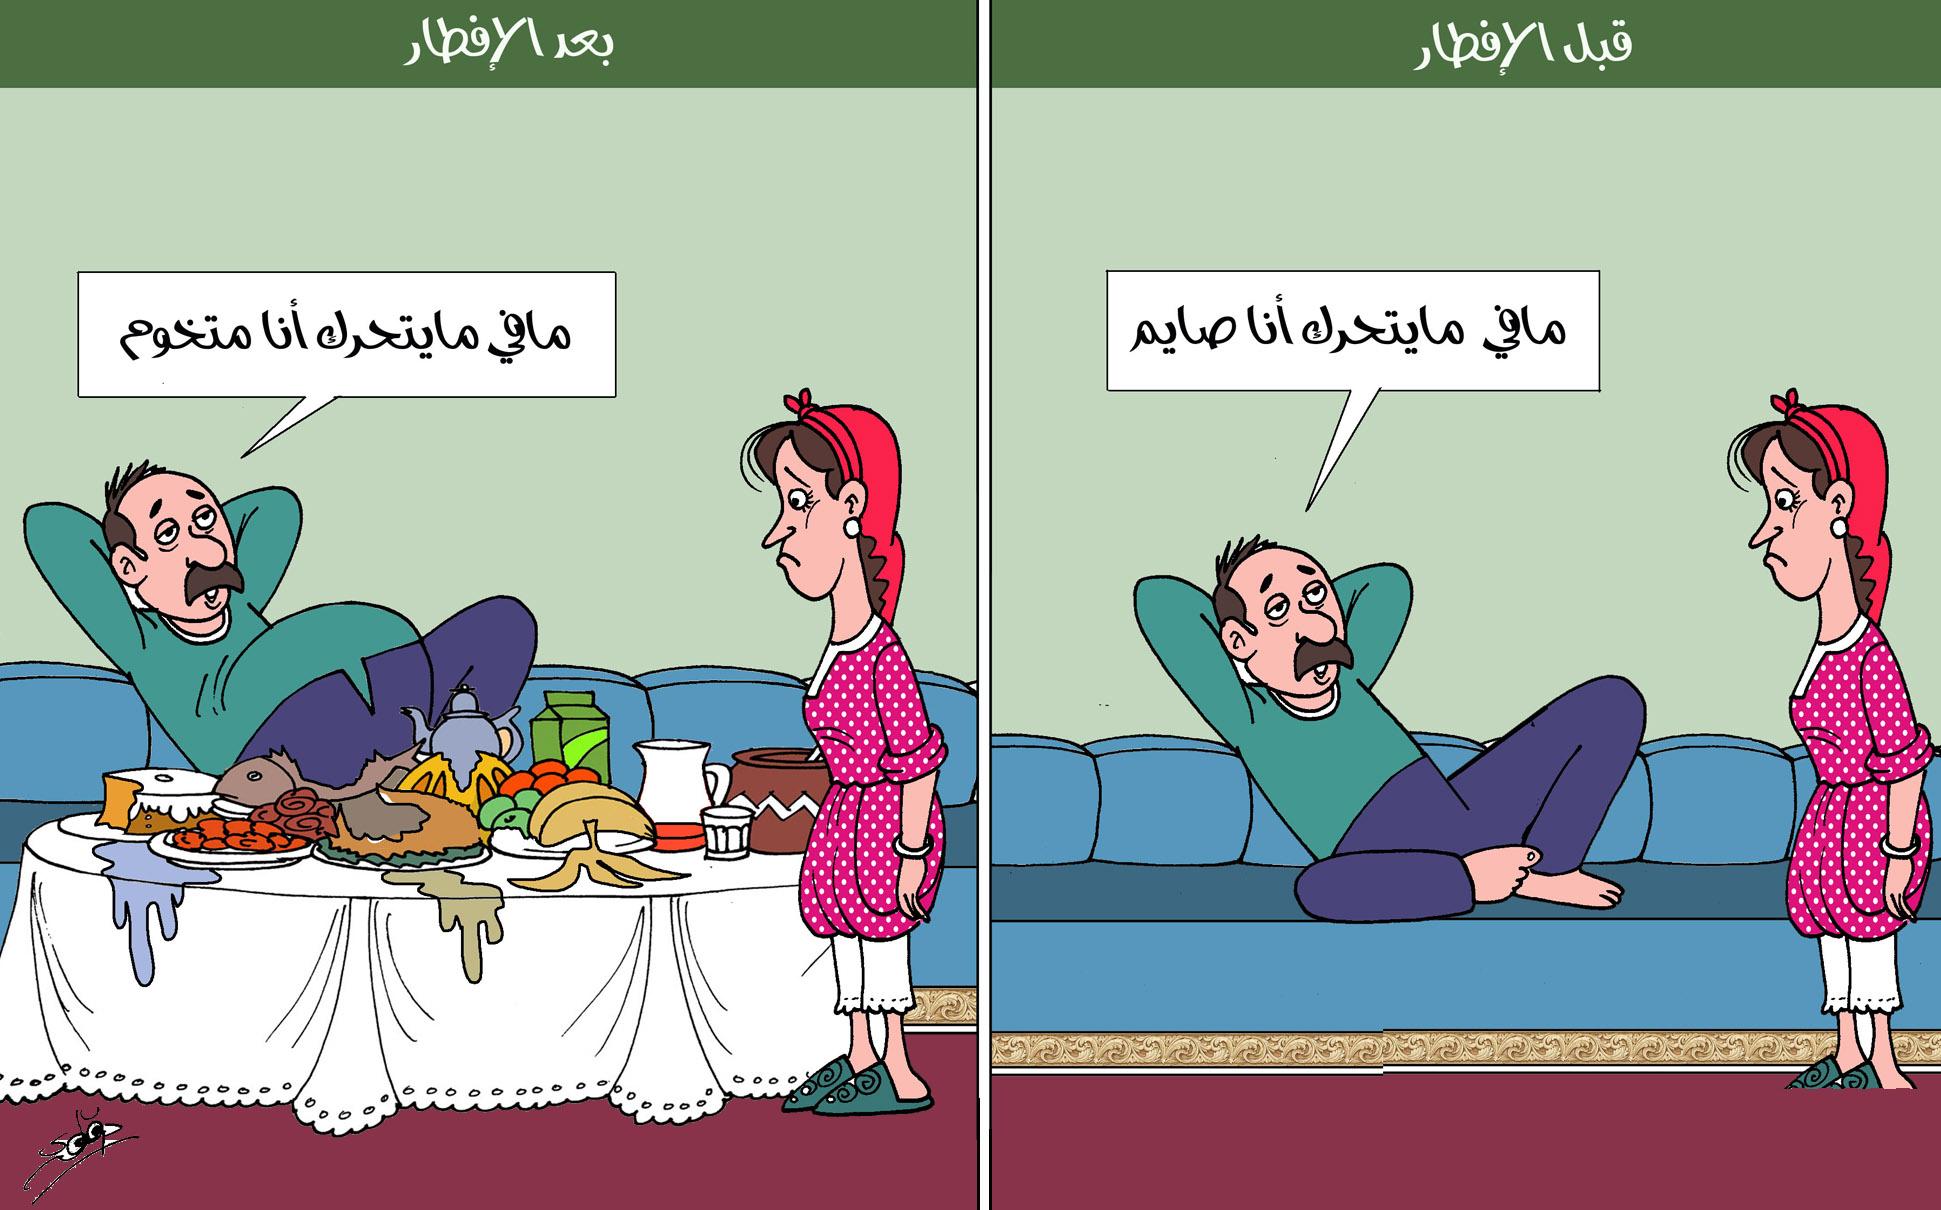 الخمول في رمضان